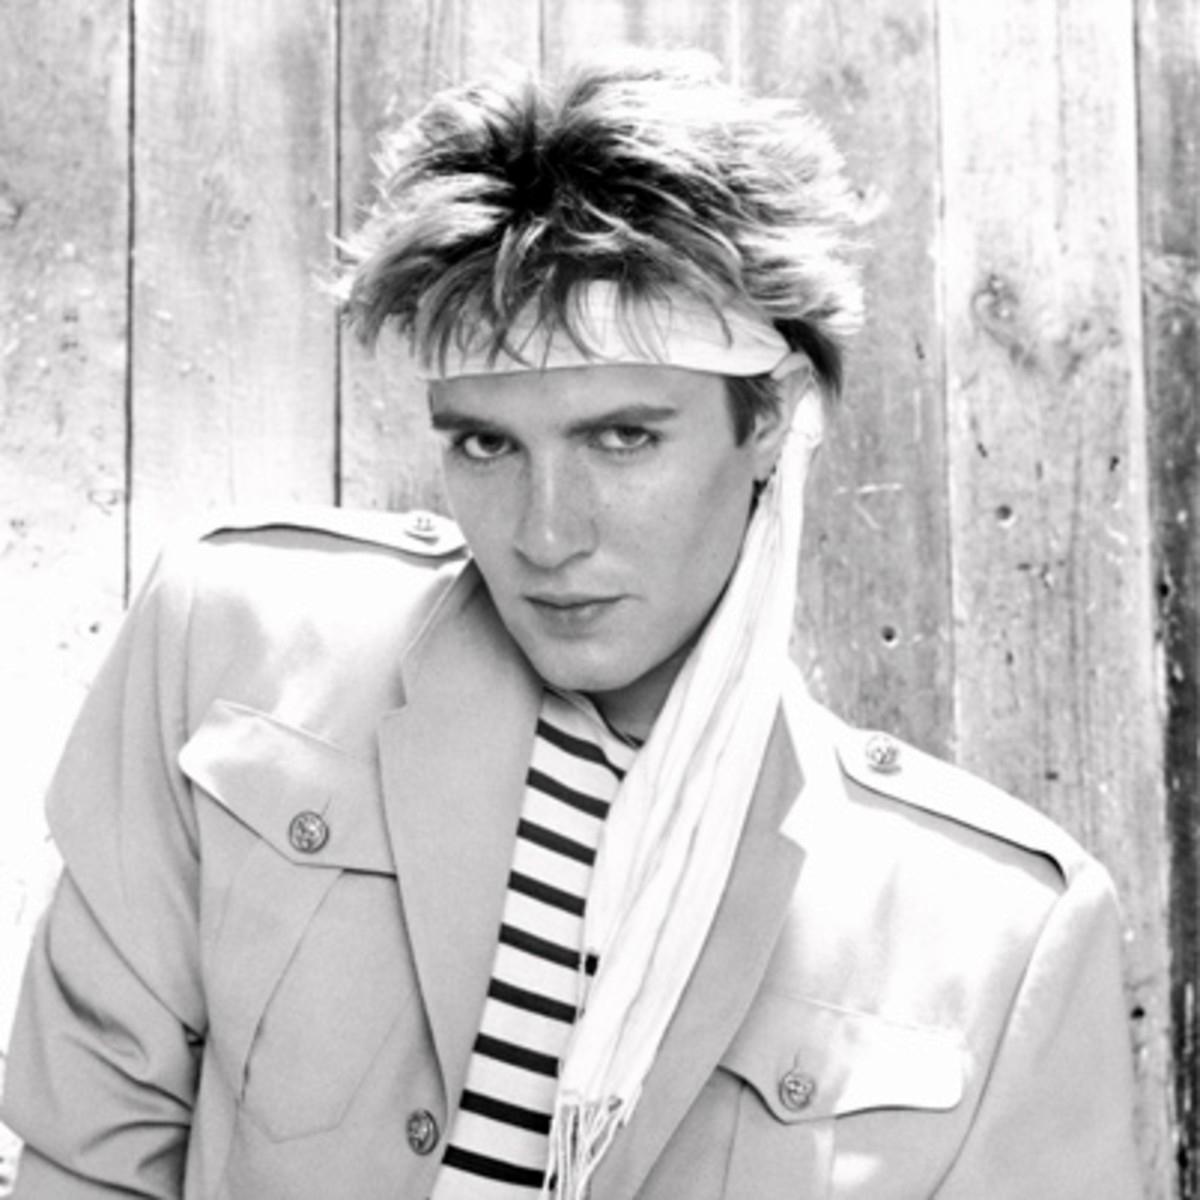 Simon Le Bon in the 1980s